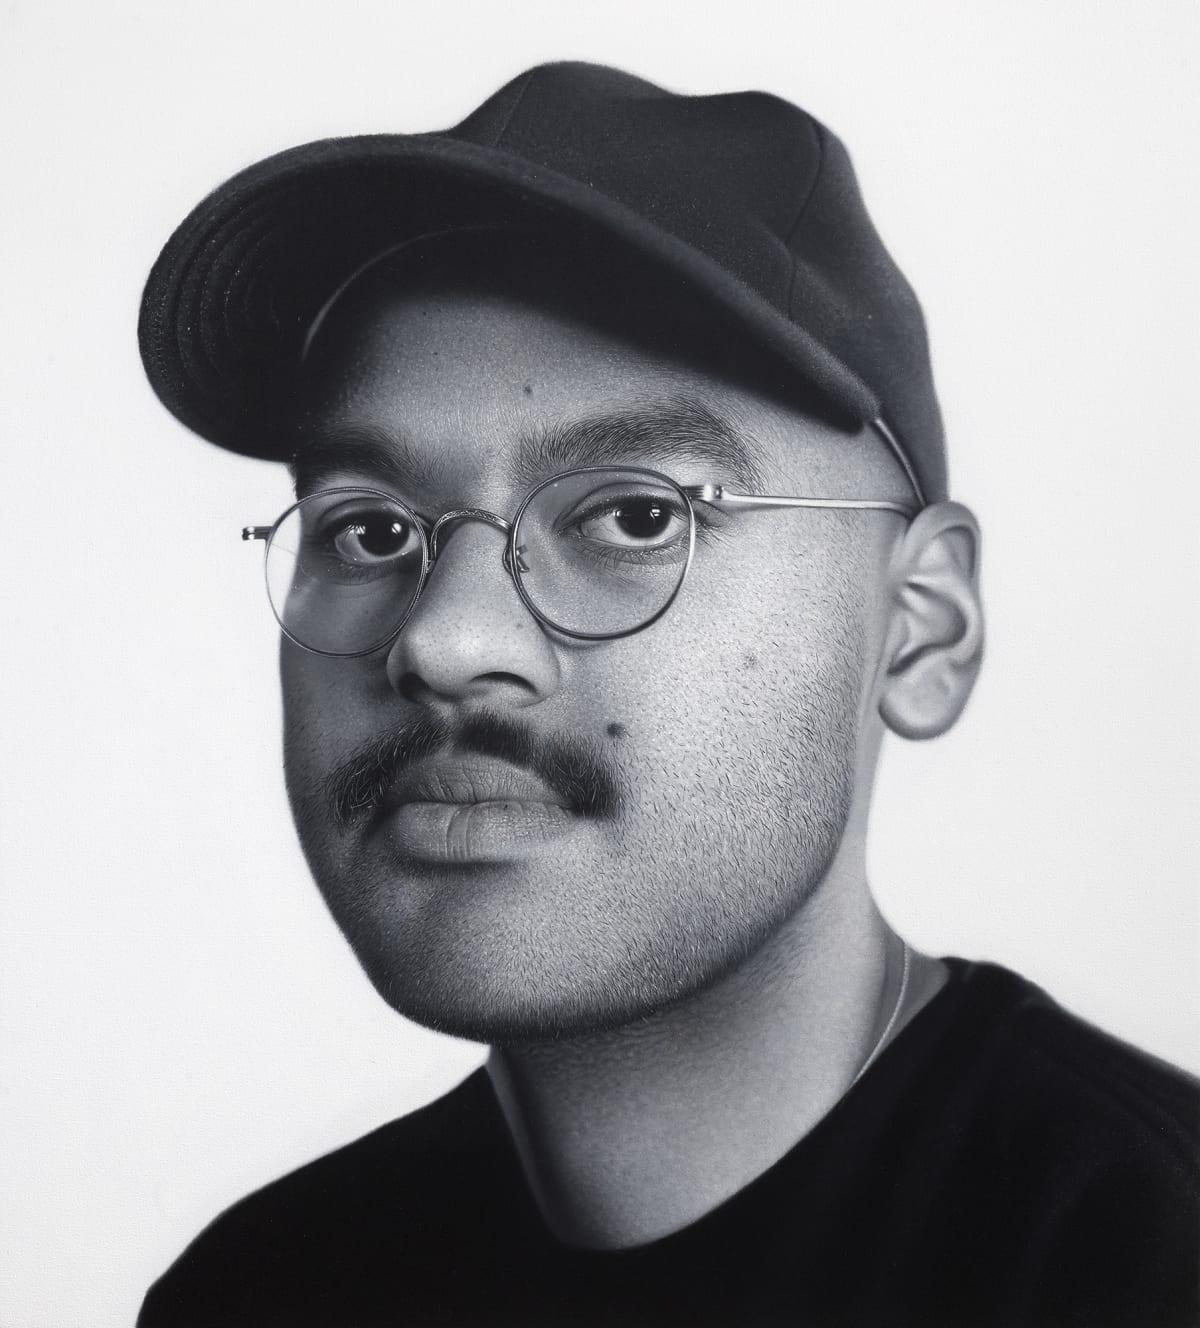 Charles Bierk, Jalil, 2020